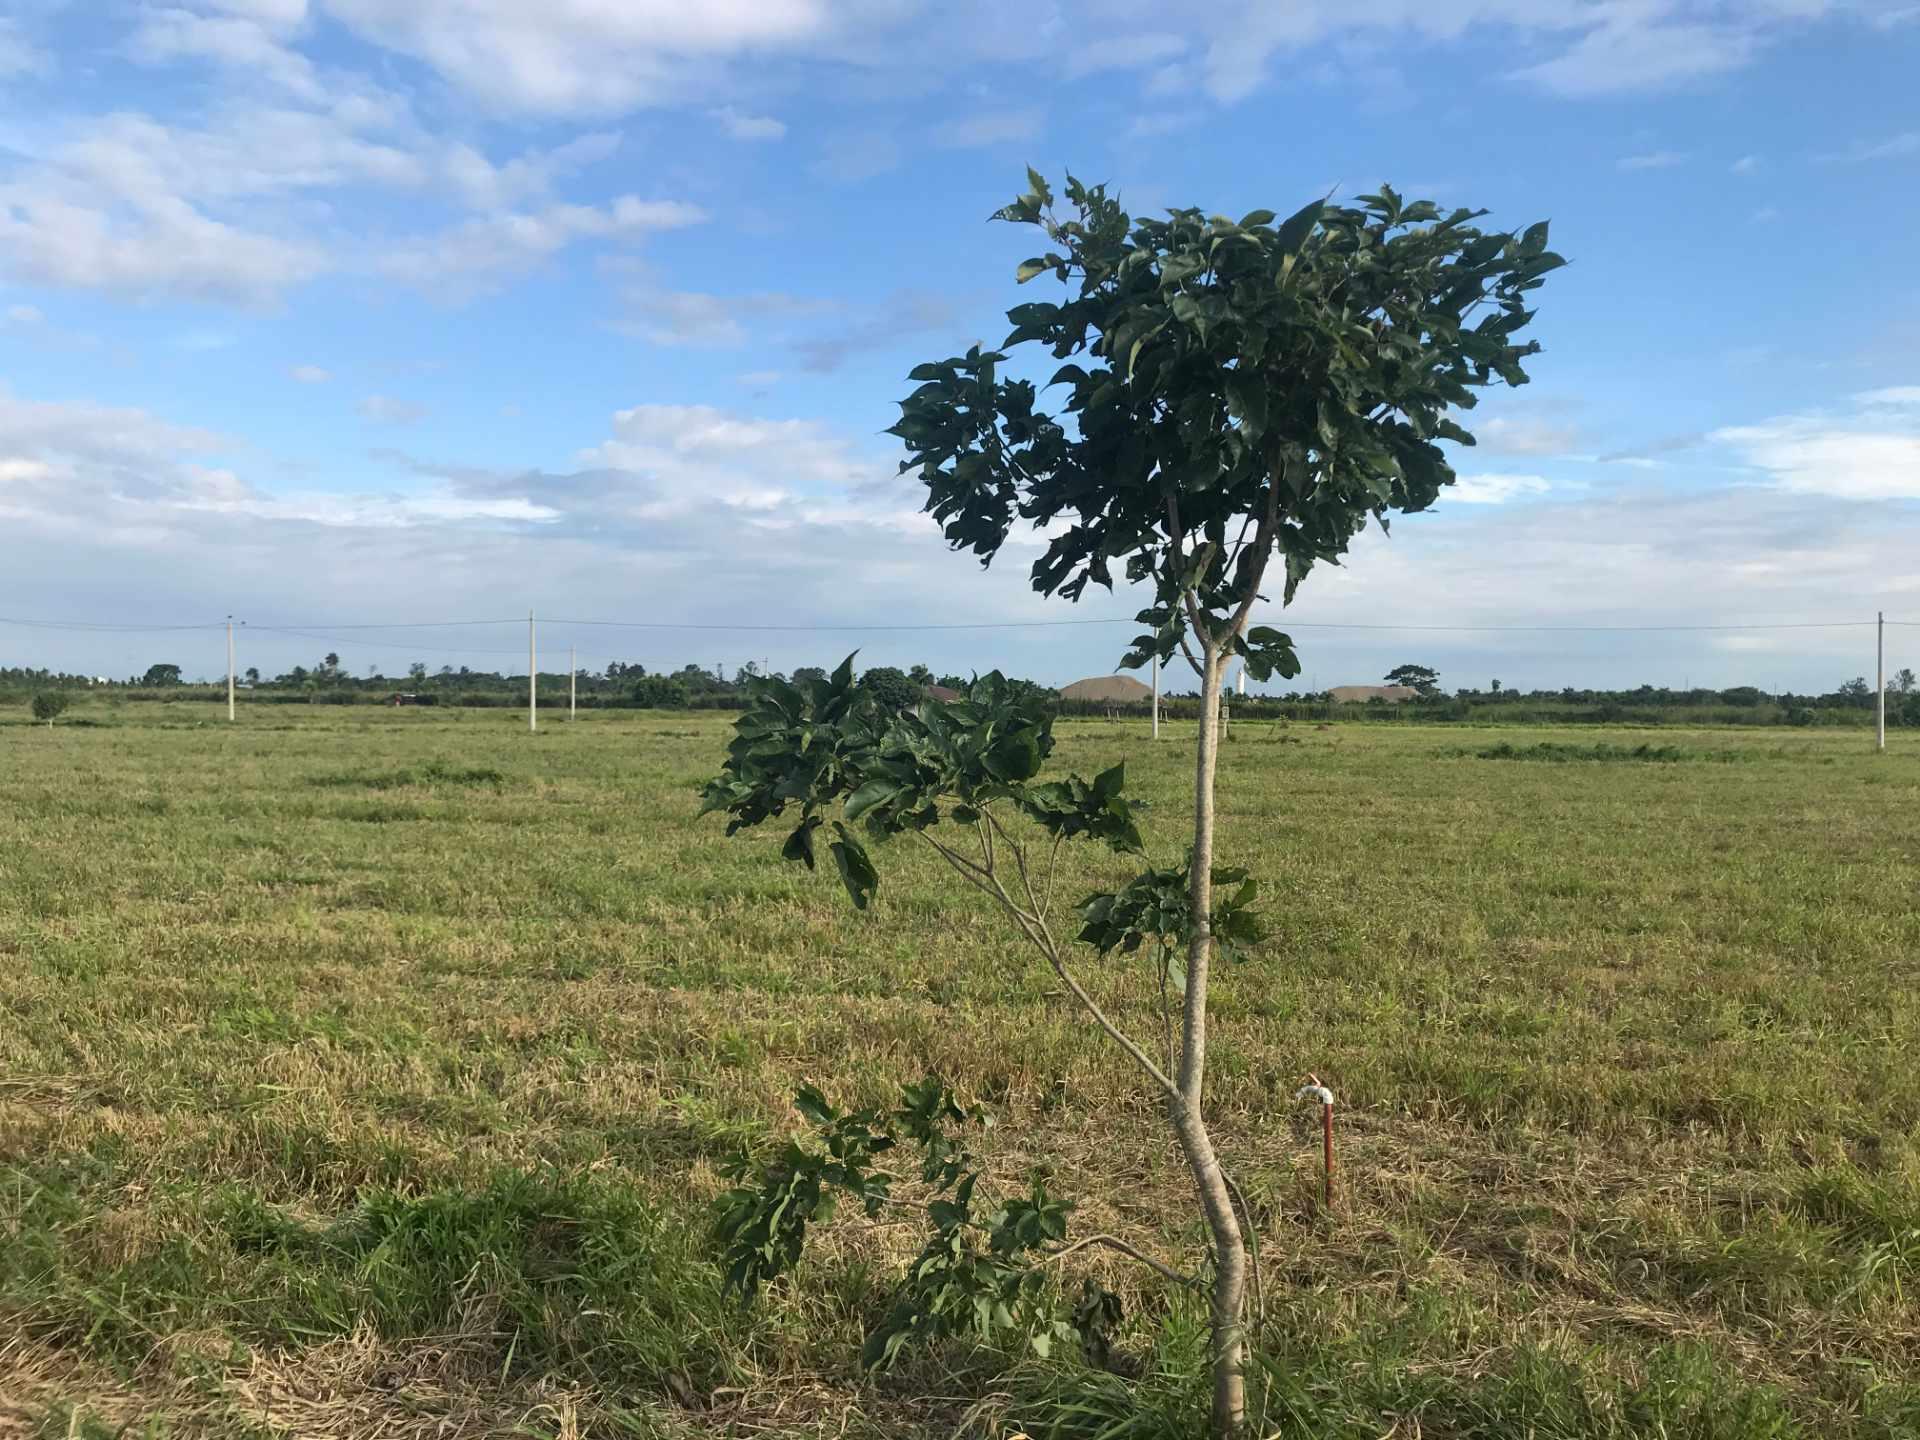 Terreno en Venta Complejo Campestre Norte, Km 23 Carretera al Norte.  Foto 17